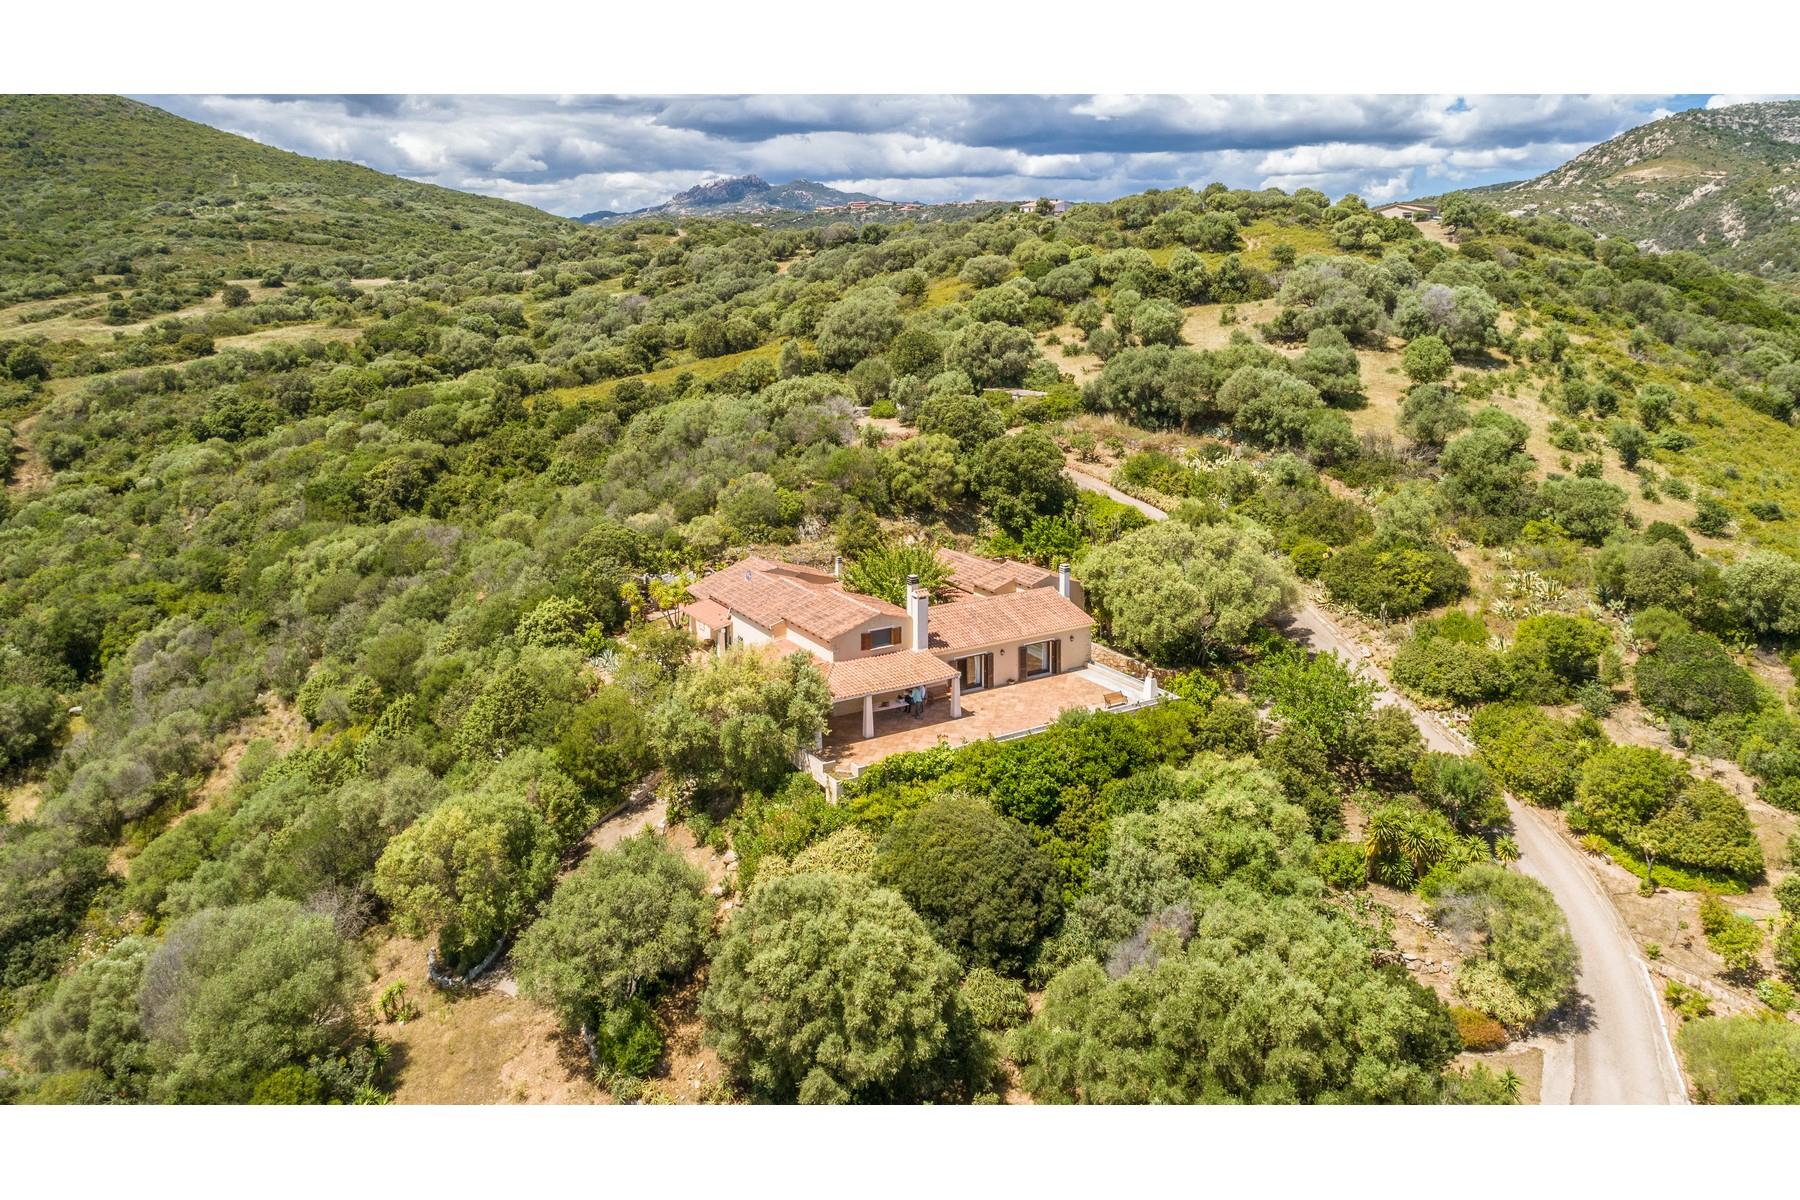 Villa in Vendita a Olbia: 5 locali, 483 mq - Foto 4